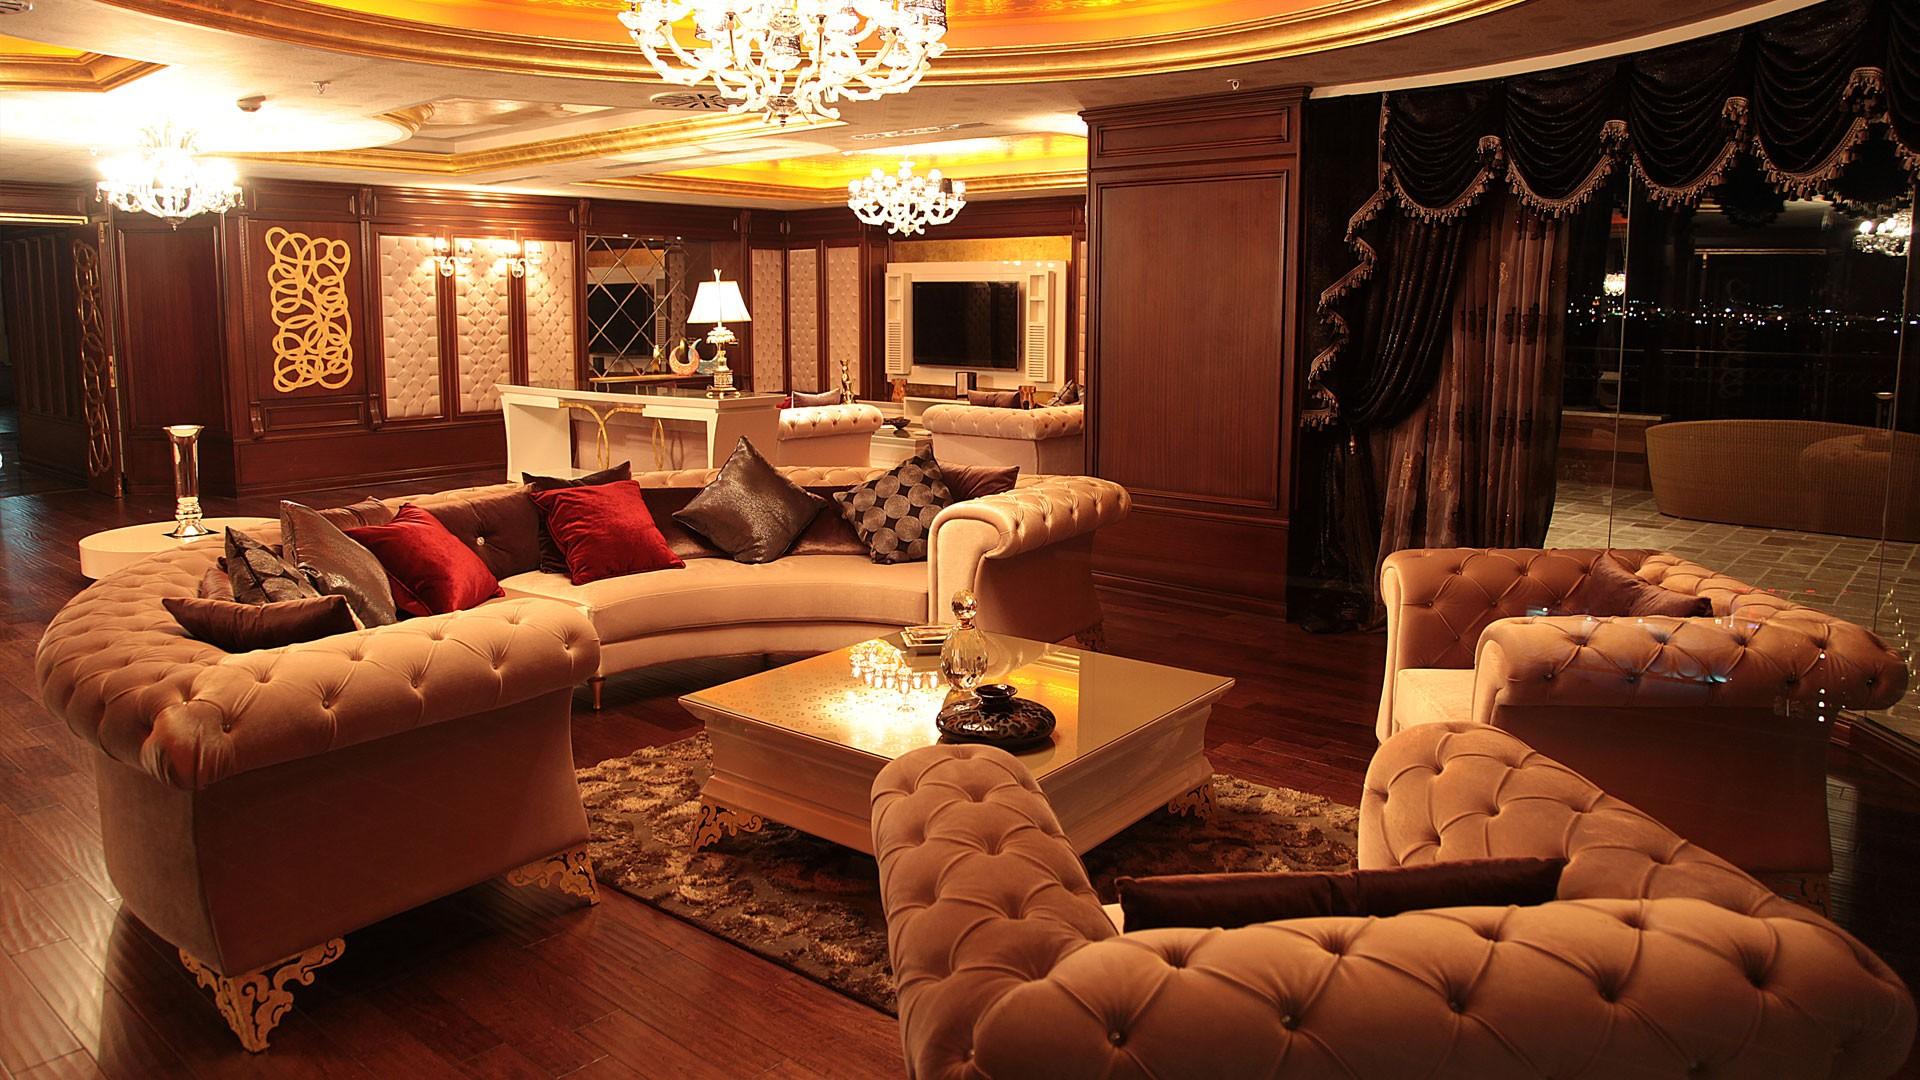 cratos premium hotel casino 5 кипр